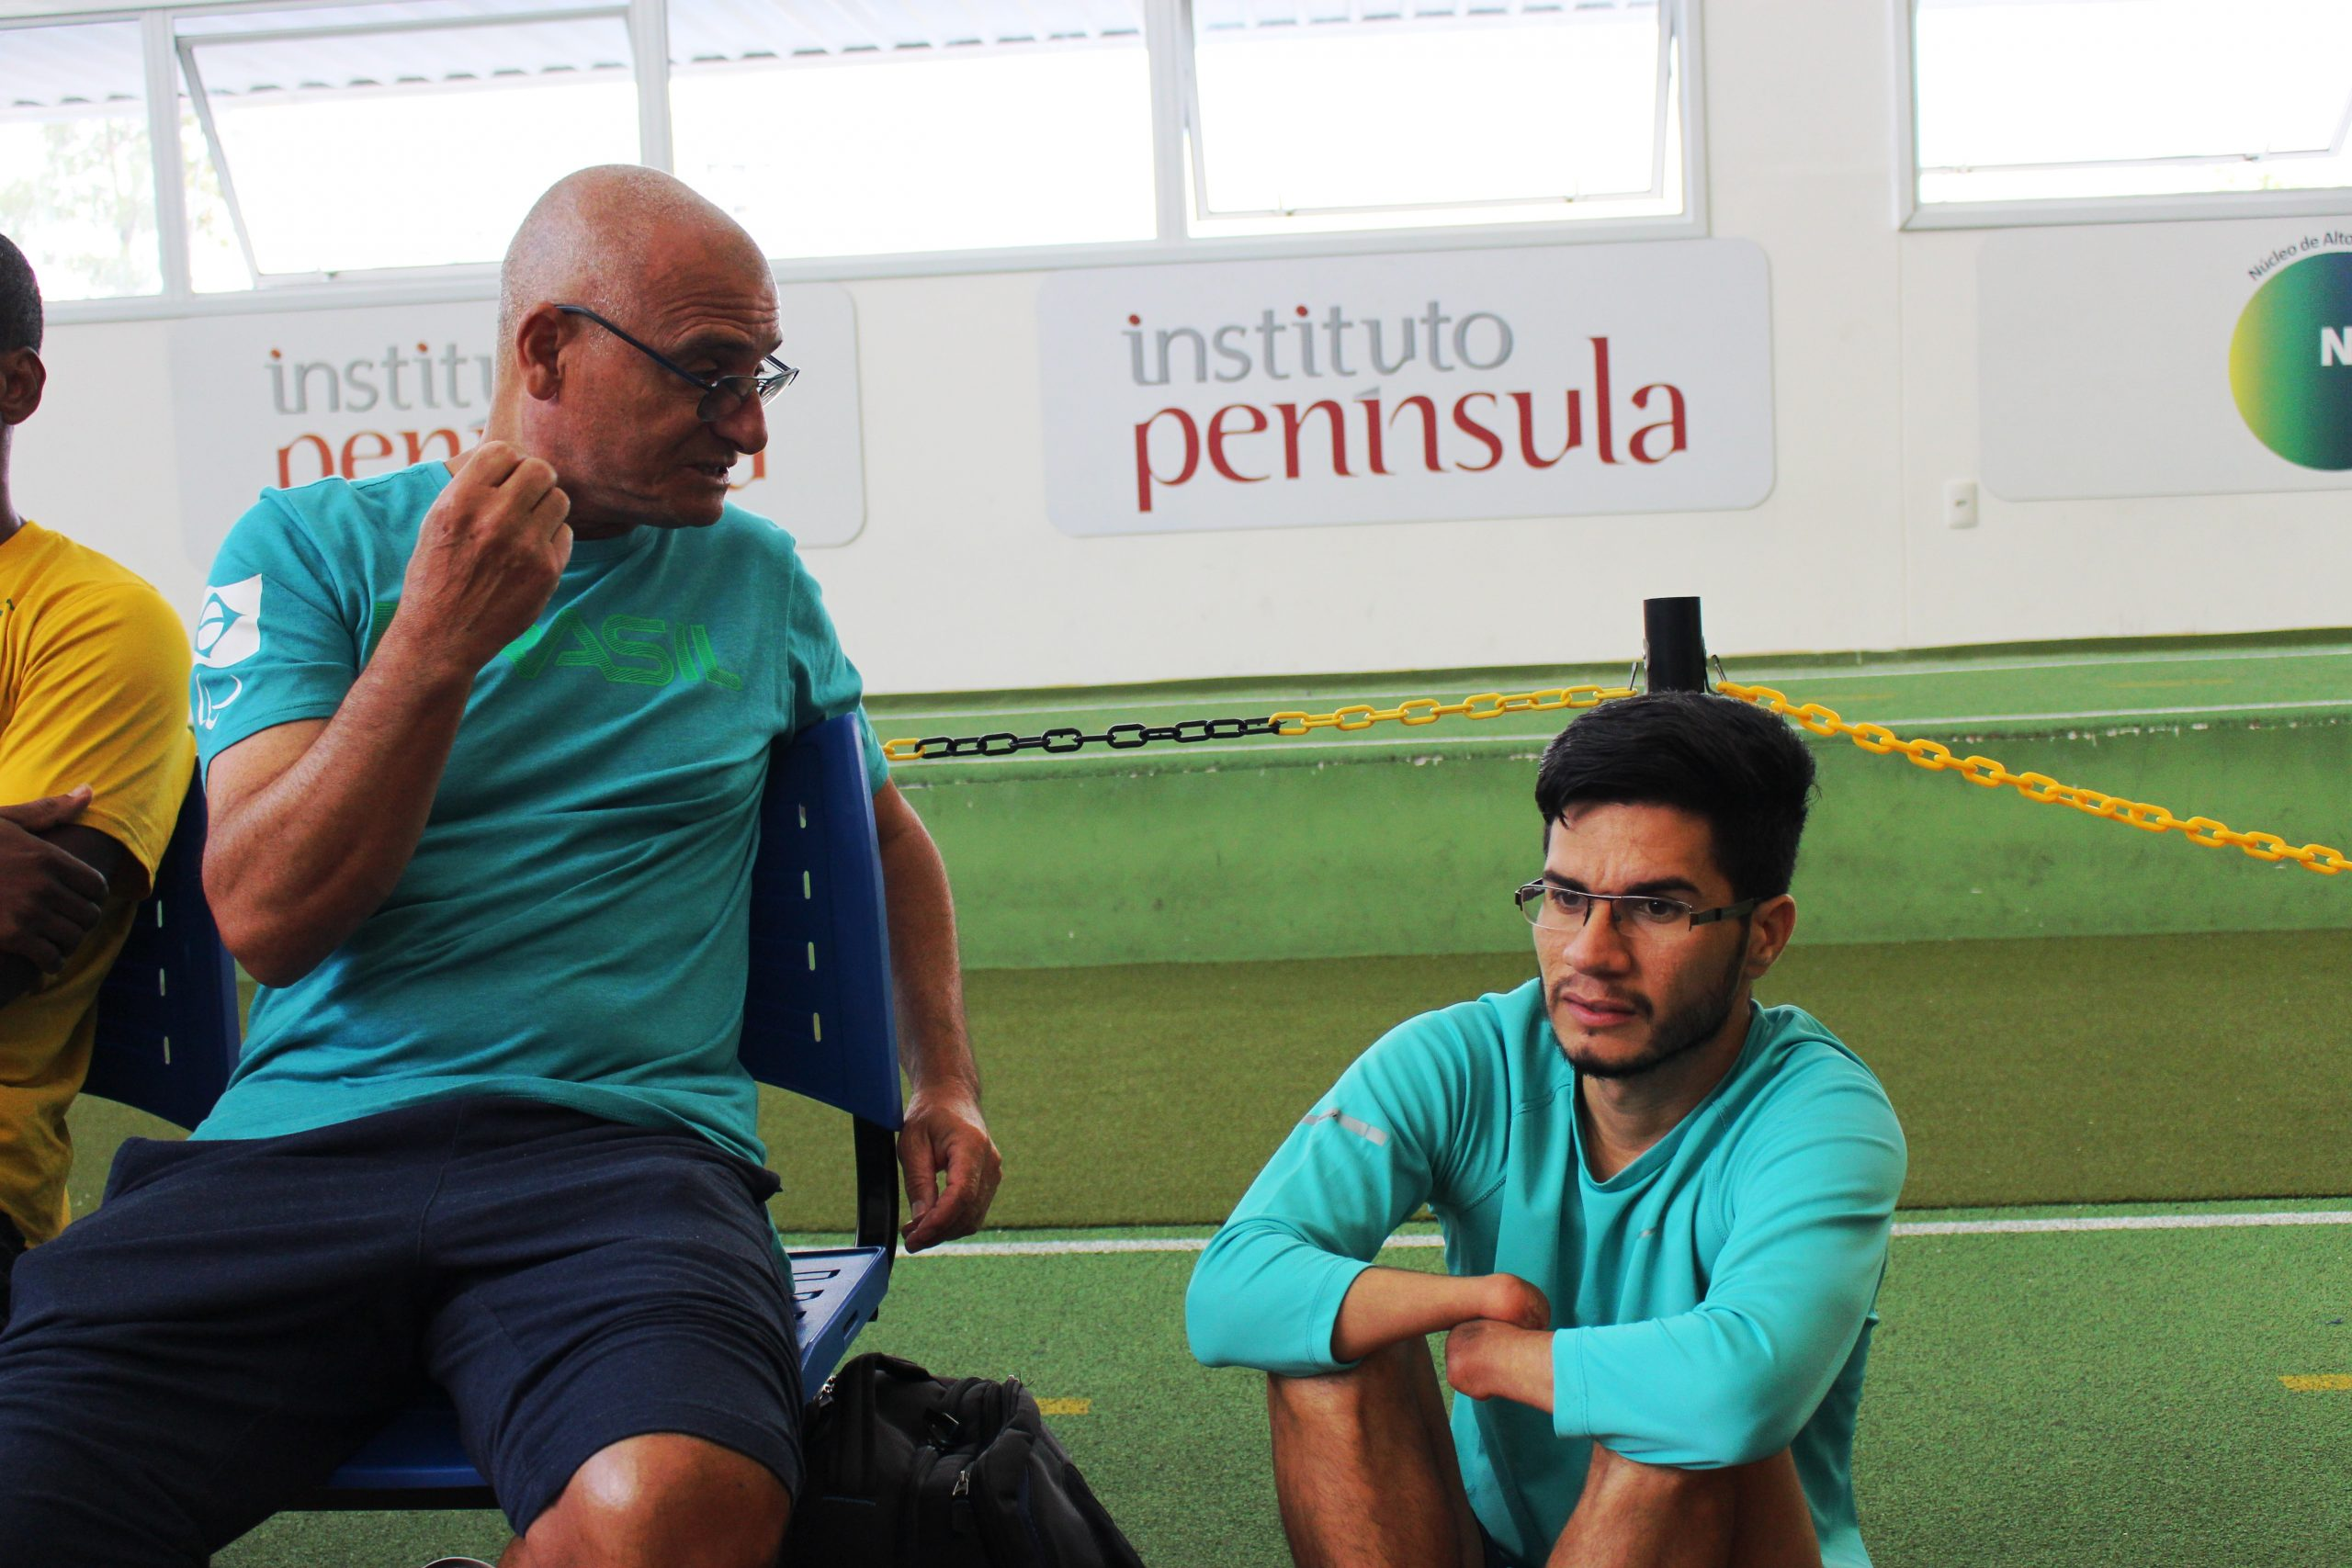 De olho no Open Internacional Loterias Caixa de Atletismo, seleção paralímpica é avaliada no NAR-SP